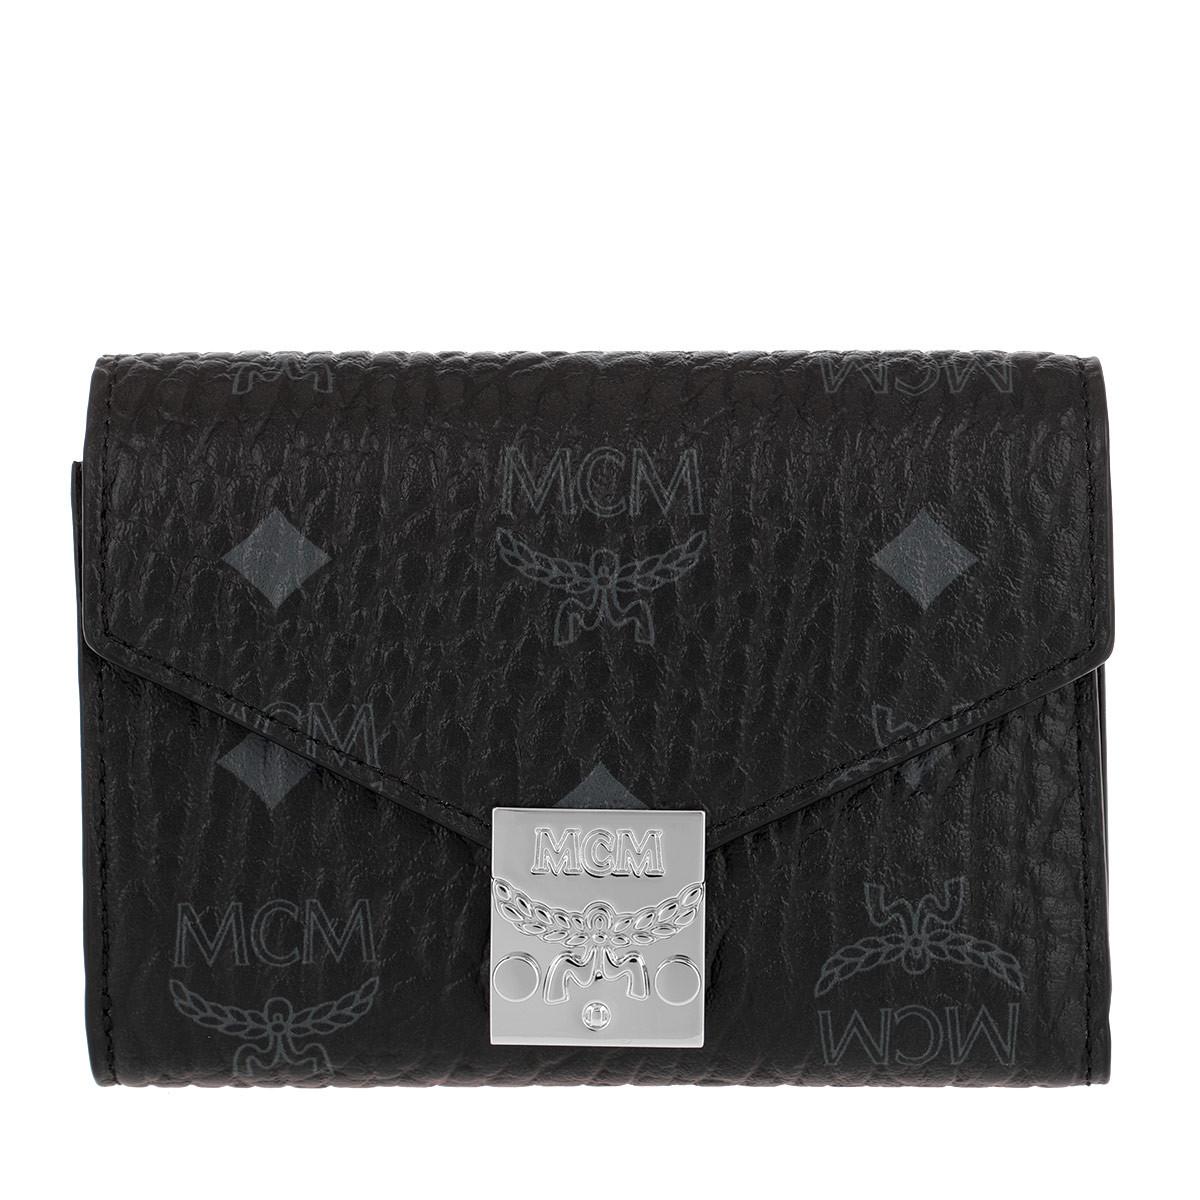 MCM Portemonnaie - Patricia Visetos Flap Wallet Small Black - in schwarz - für Damen